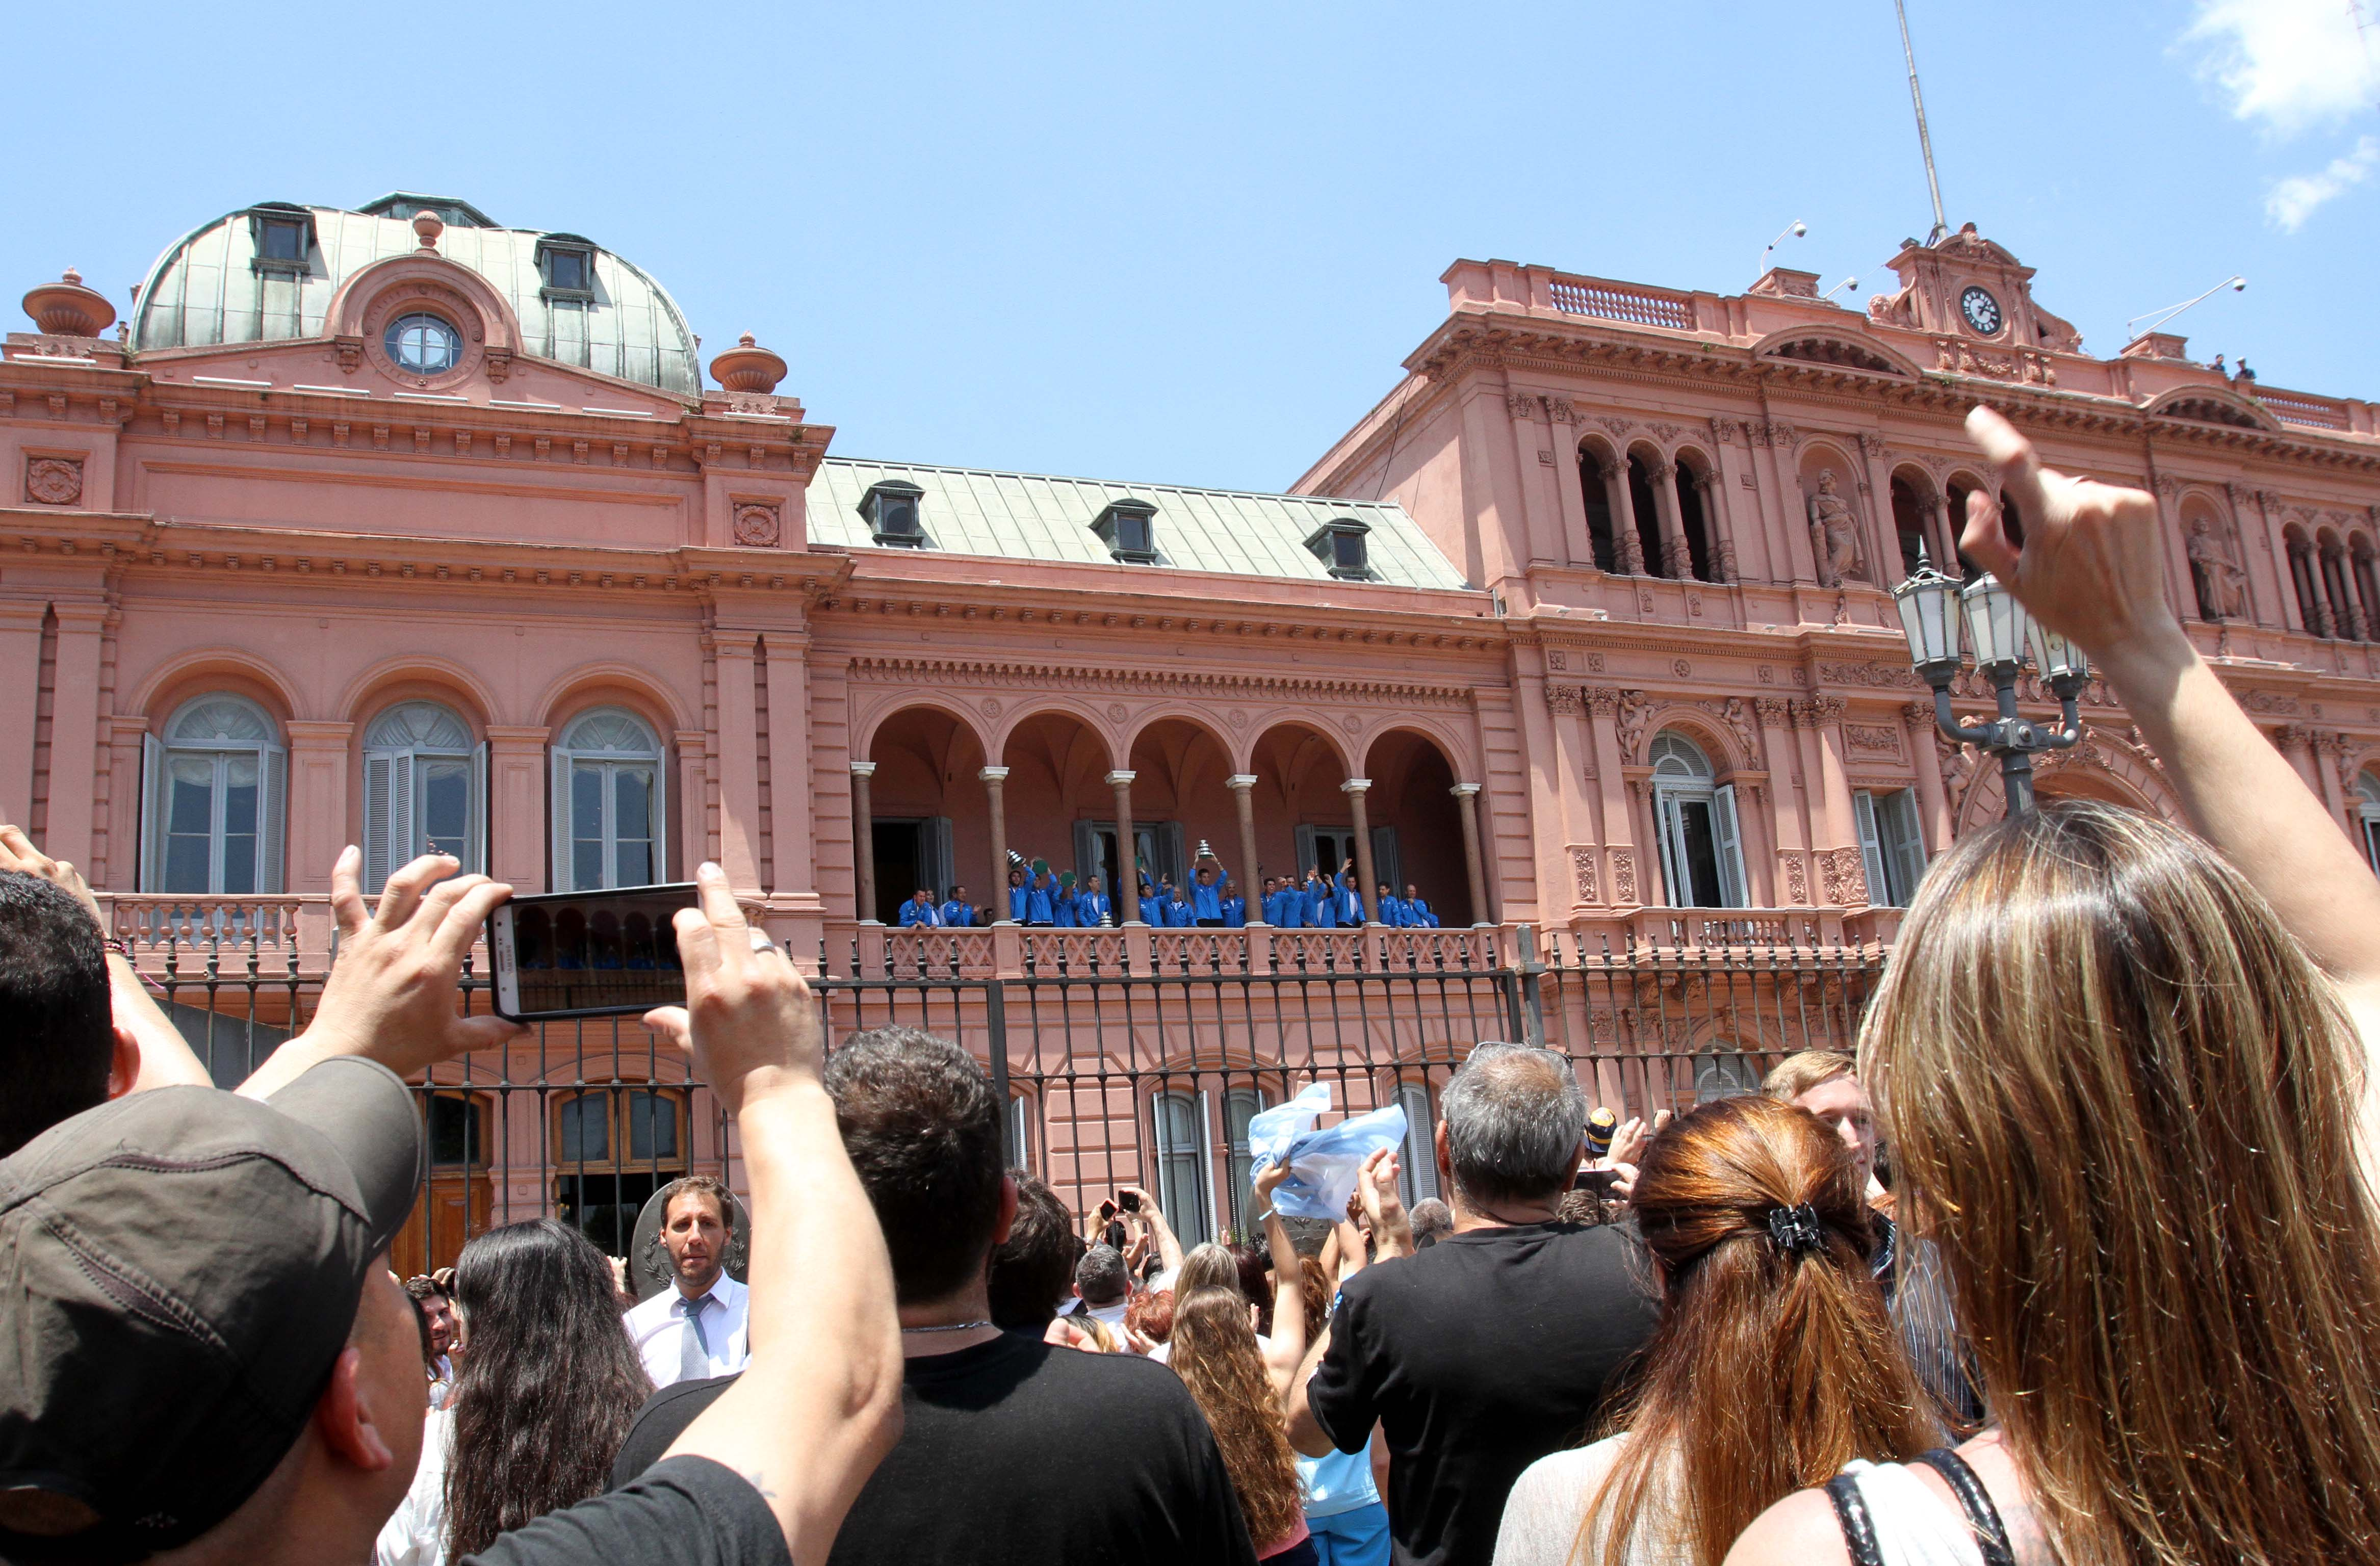 DYN29, BUENOS AIRES 29/11/16, EL EQUIPO CAMPEON DE COPA DAVIS, SALUDA DESDE EL BALCON DE CASA ROSADAFOTO.DYN/LILIANA SERVENTE.